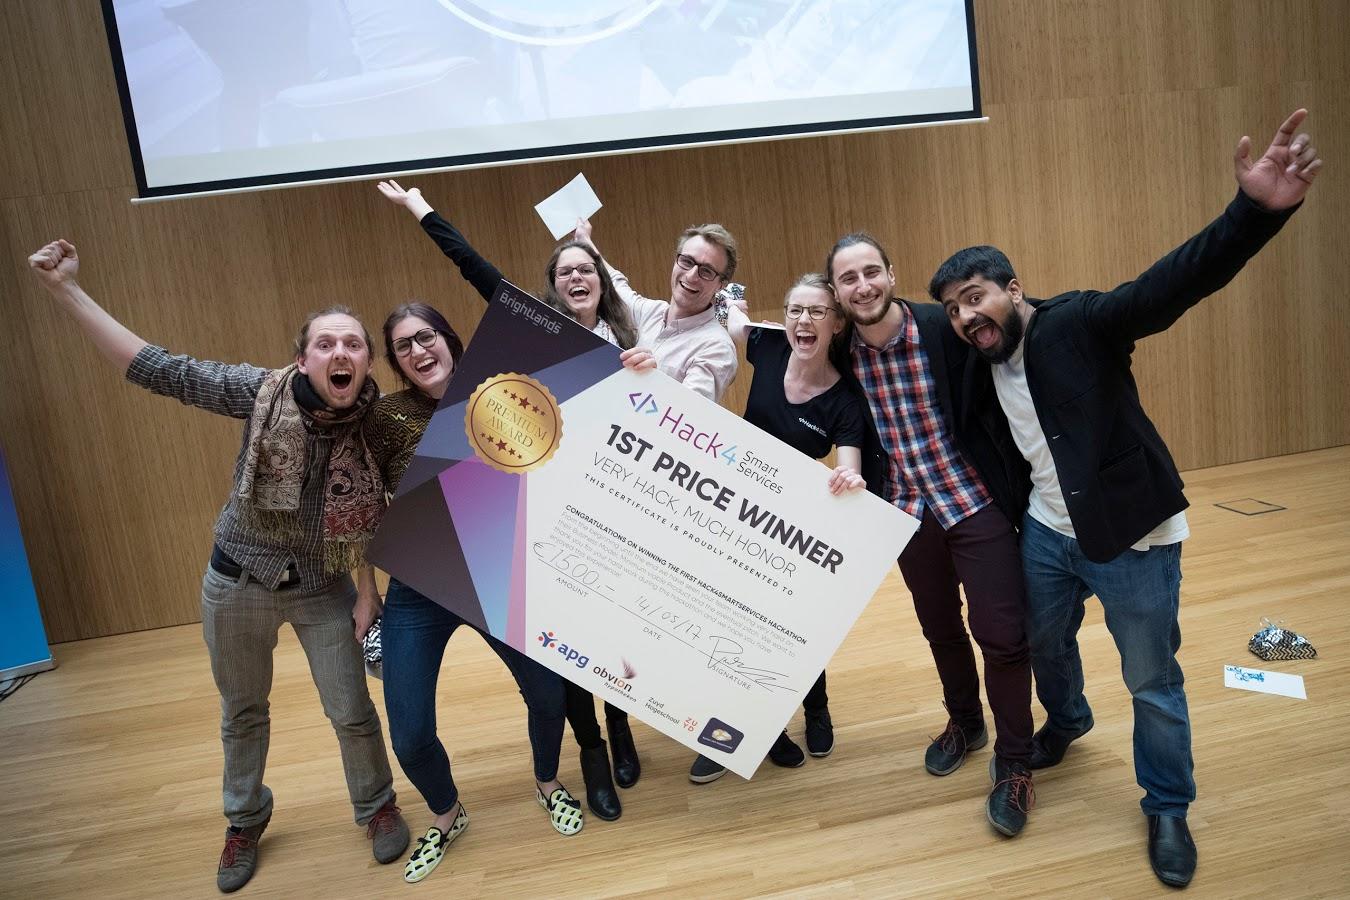 140517, Heerlen: hackathon, www.hack4smartservices.com. Foto: Marcel van Hoorn.